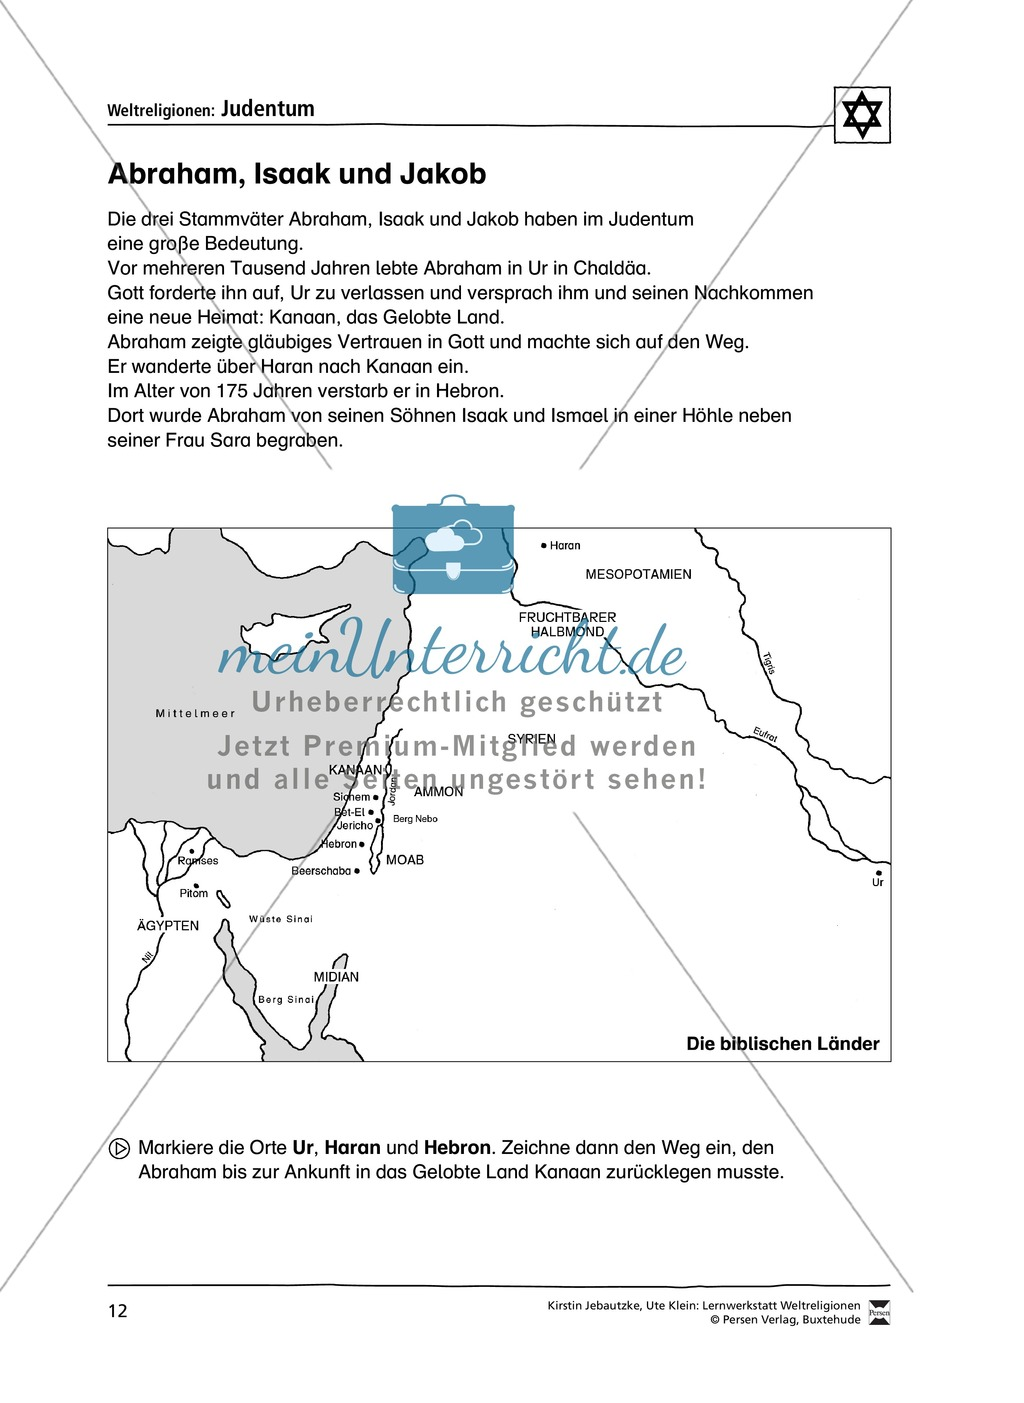 Unterrichtsmaterial zum Judentum - mit Infomaterial zu Gottheit, Schrift, Synagogen, Feiertagen uvm. Preview 4